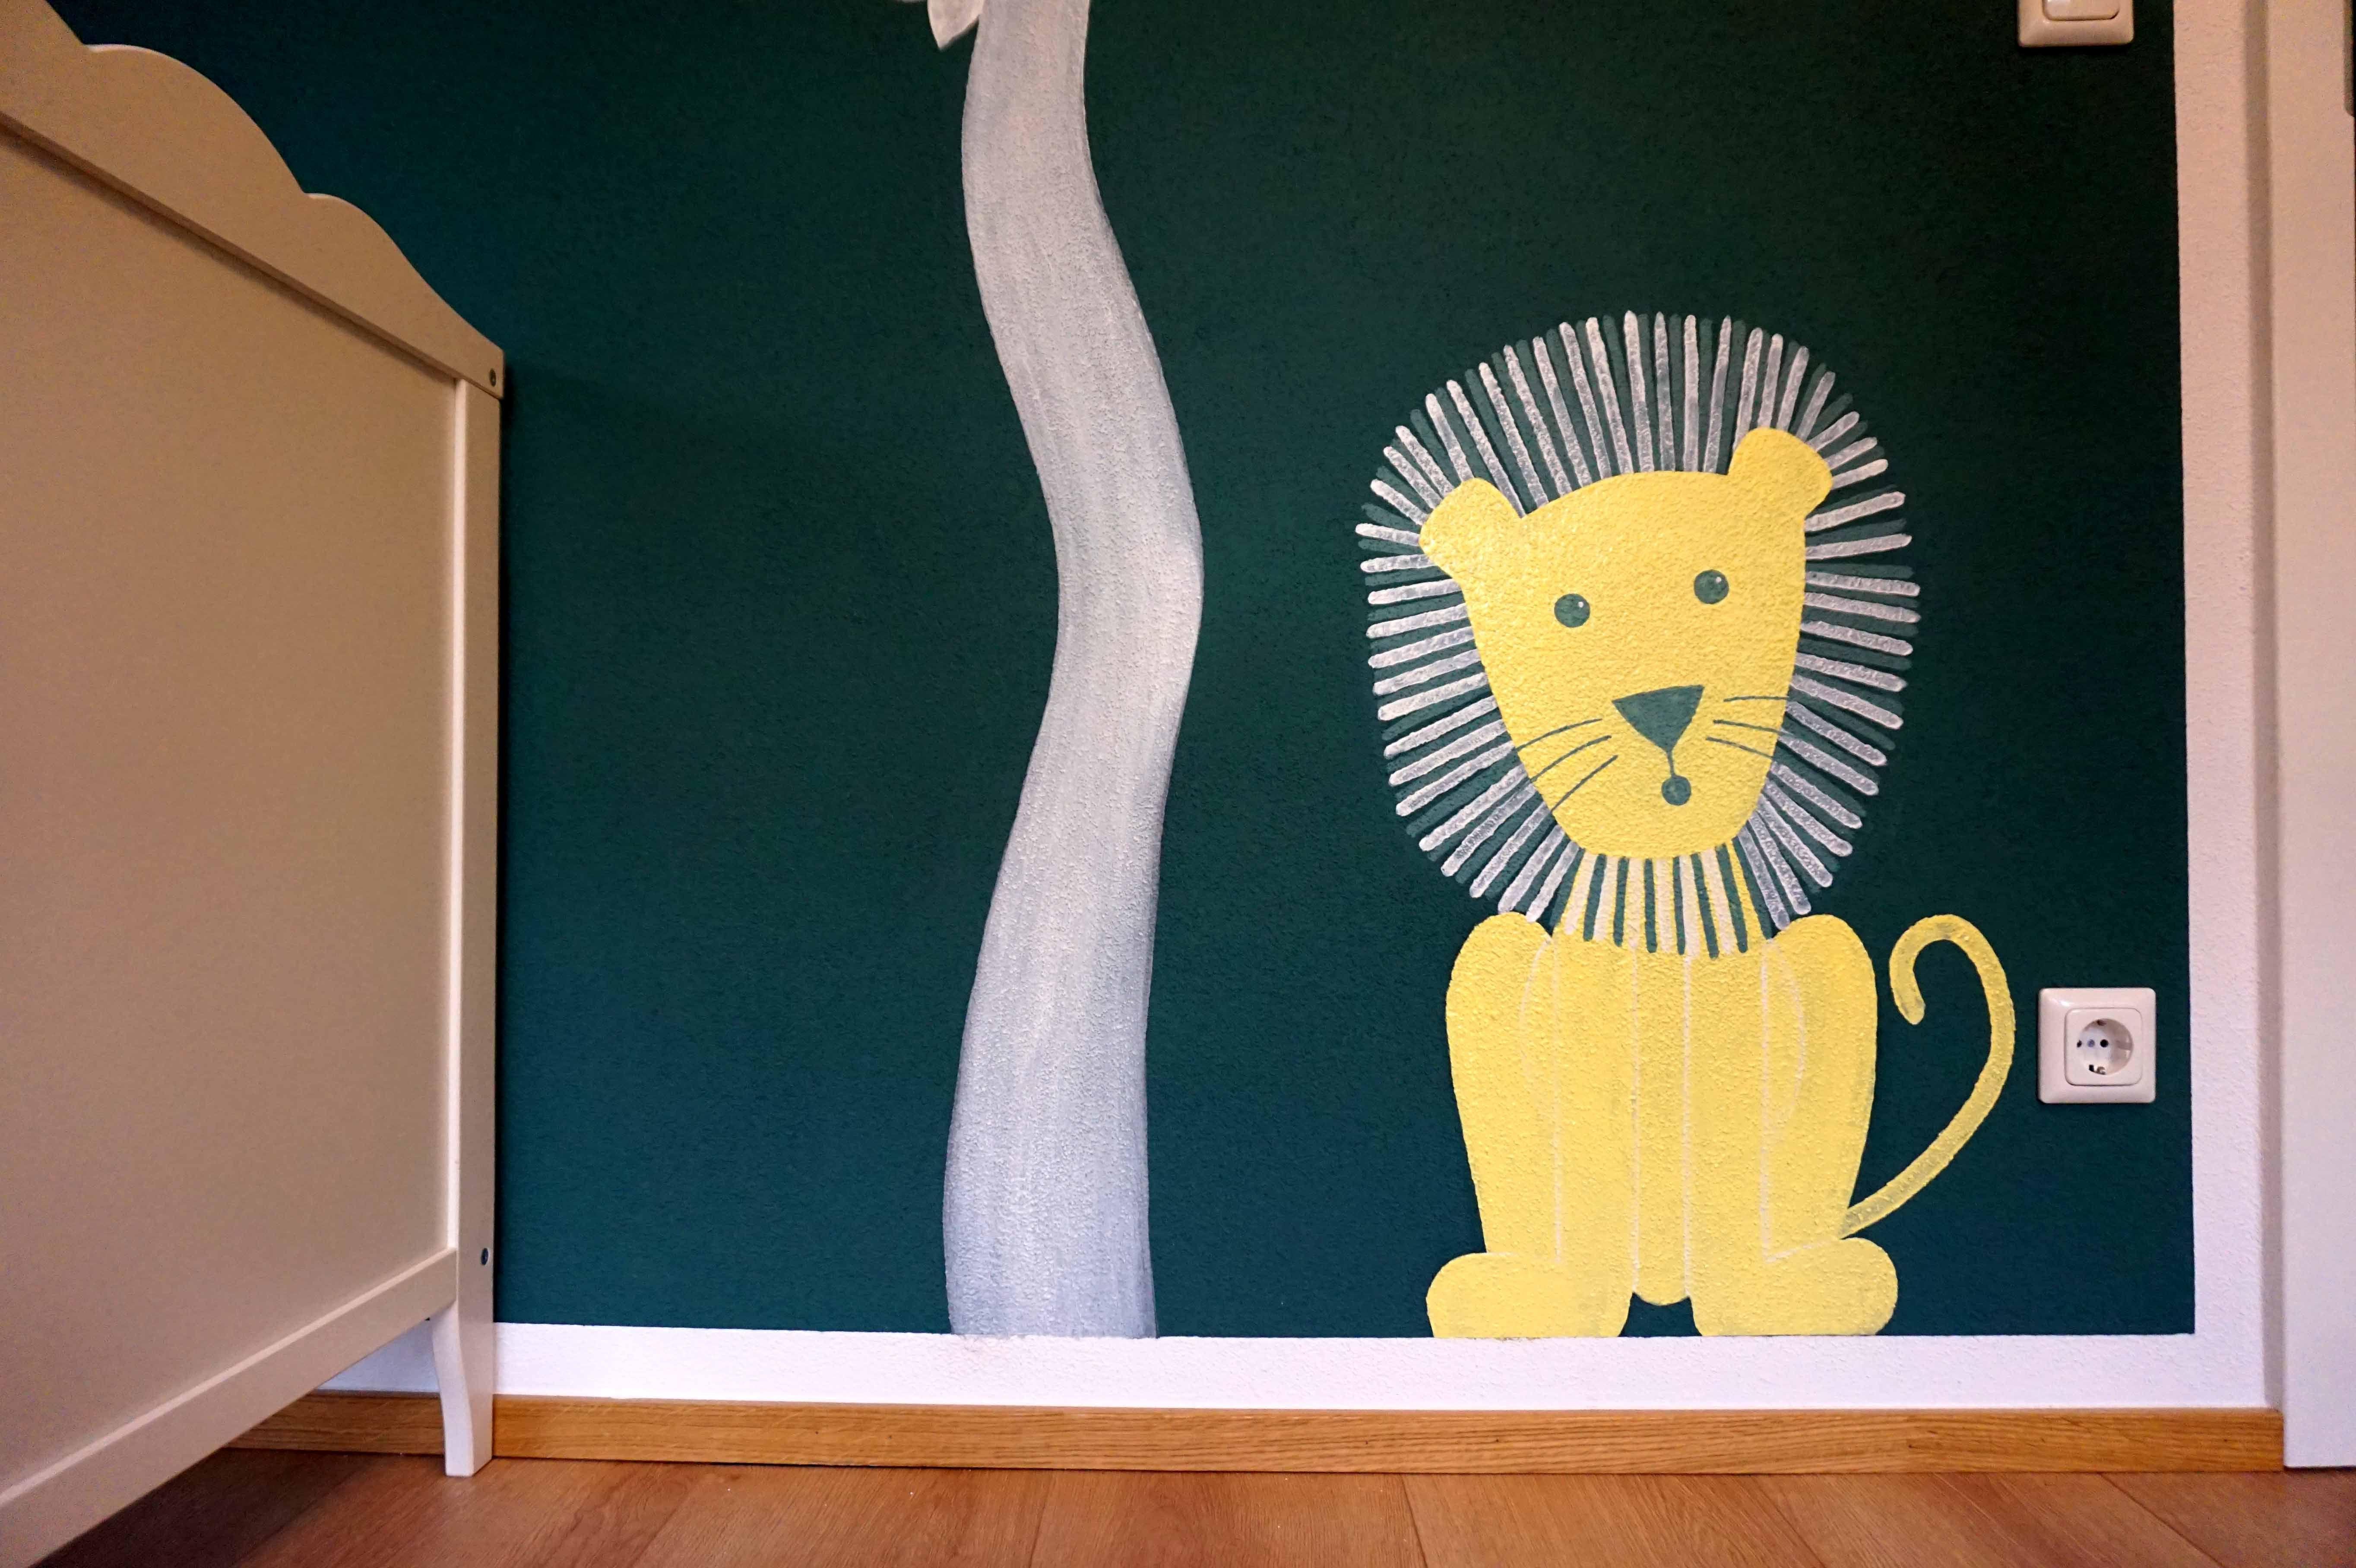 Pin von KinderzimmerMalerei auf Wandmalerei_München Der